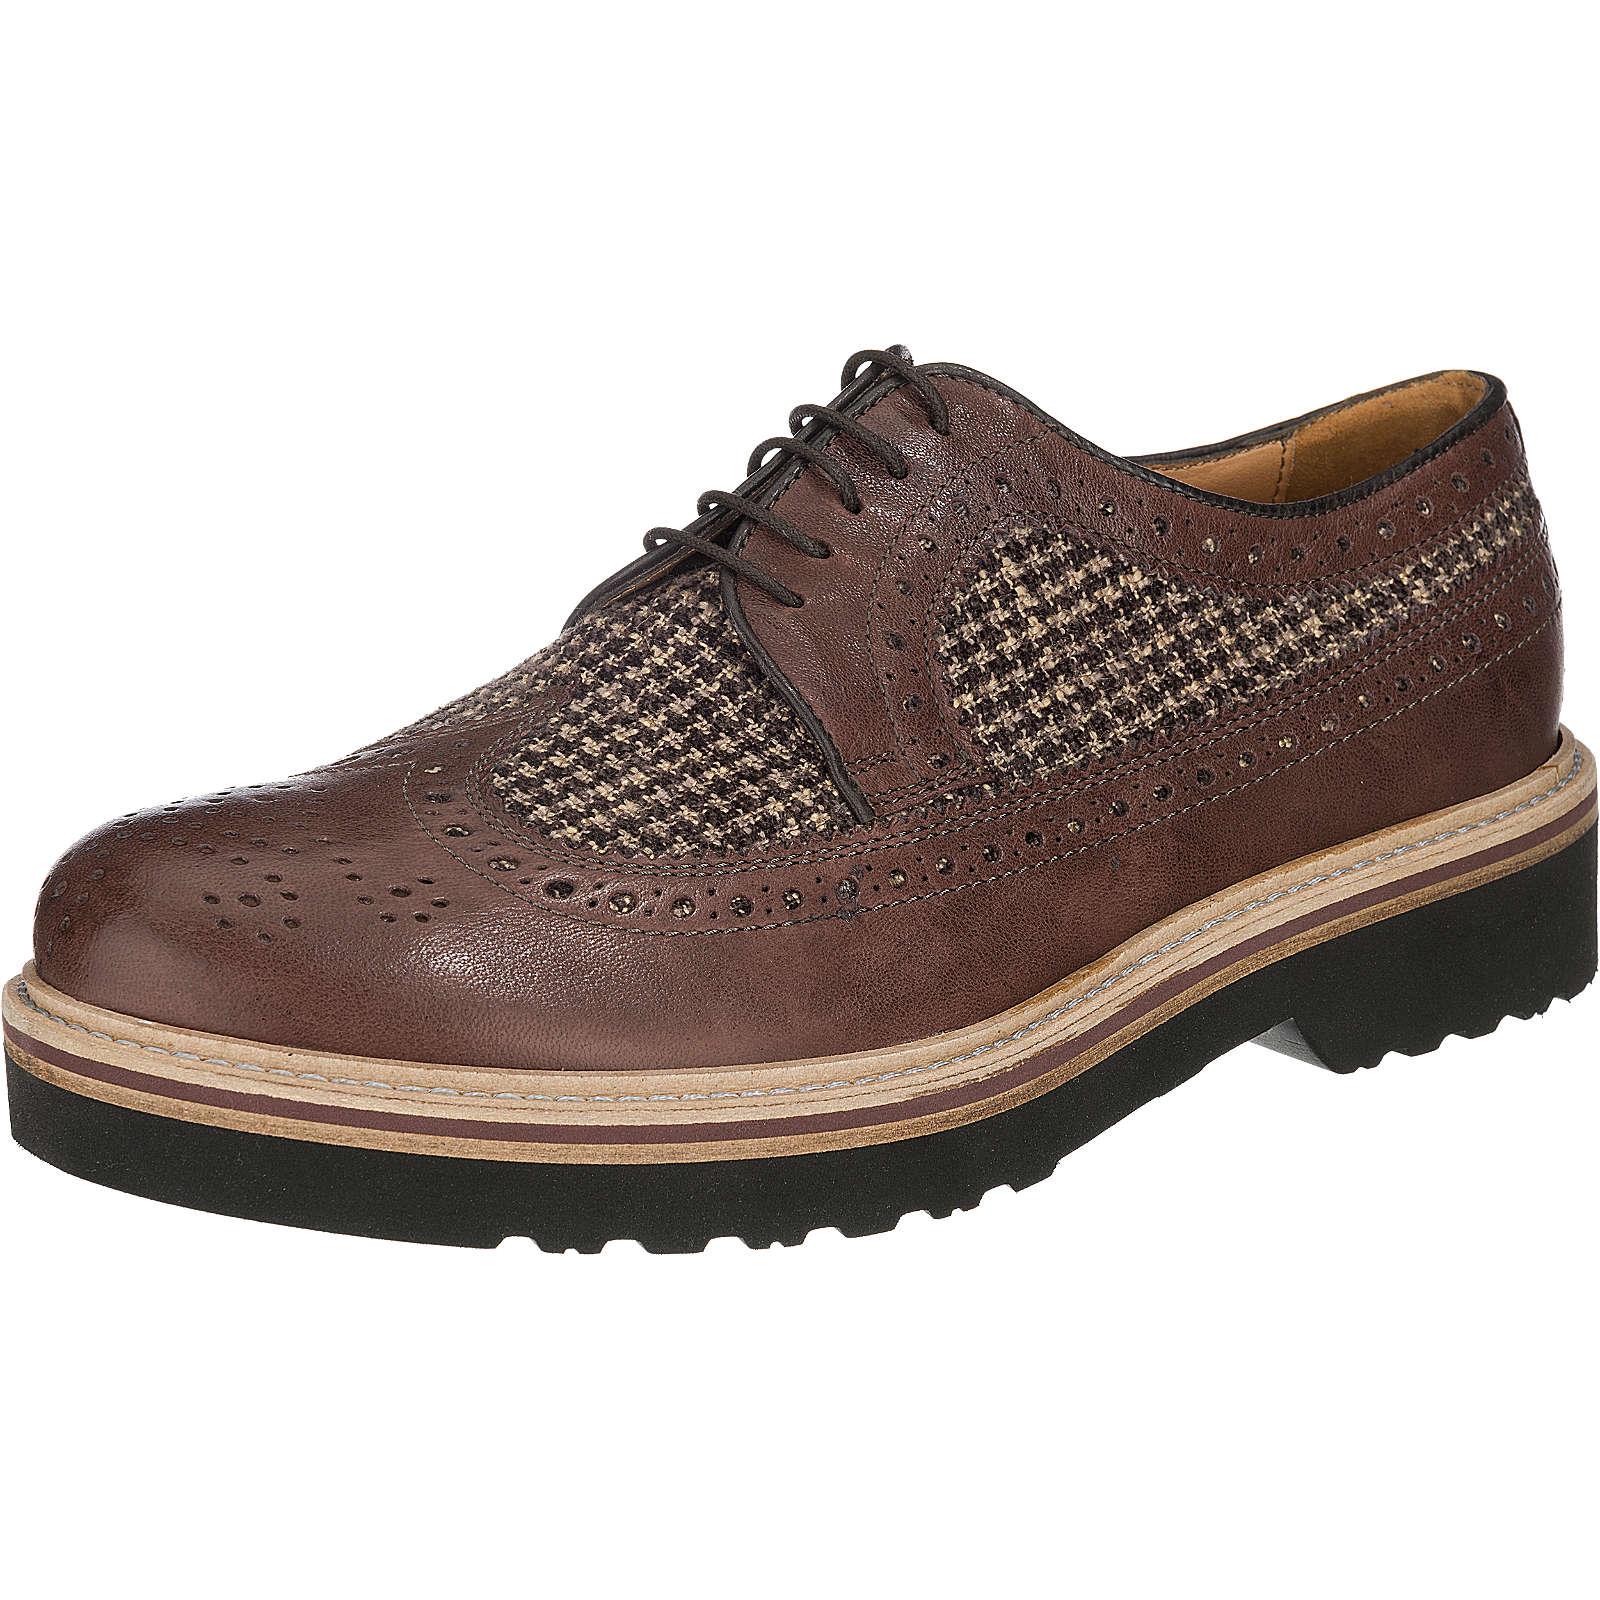 ANTICA CUOIERIA Freizeit Schuhe braun Herren Gr. 43